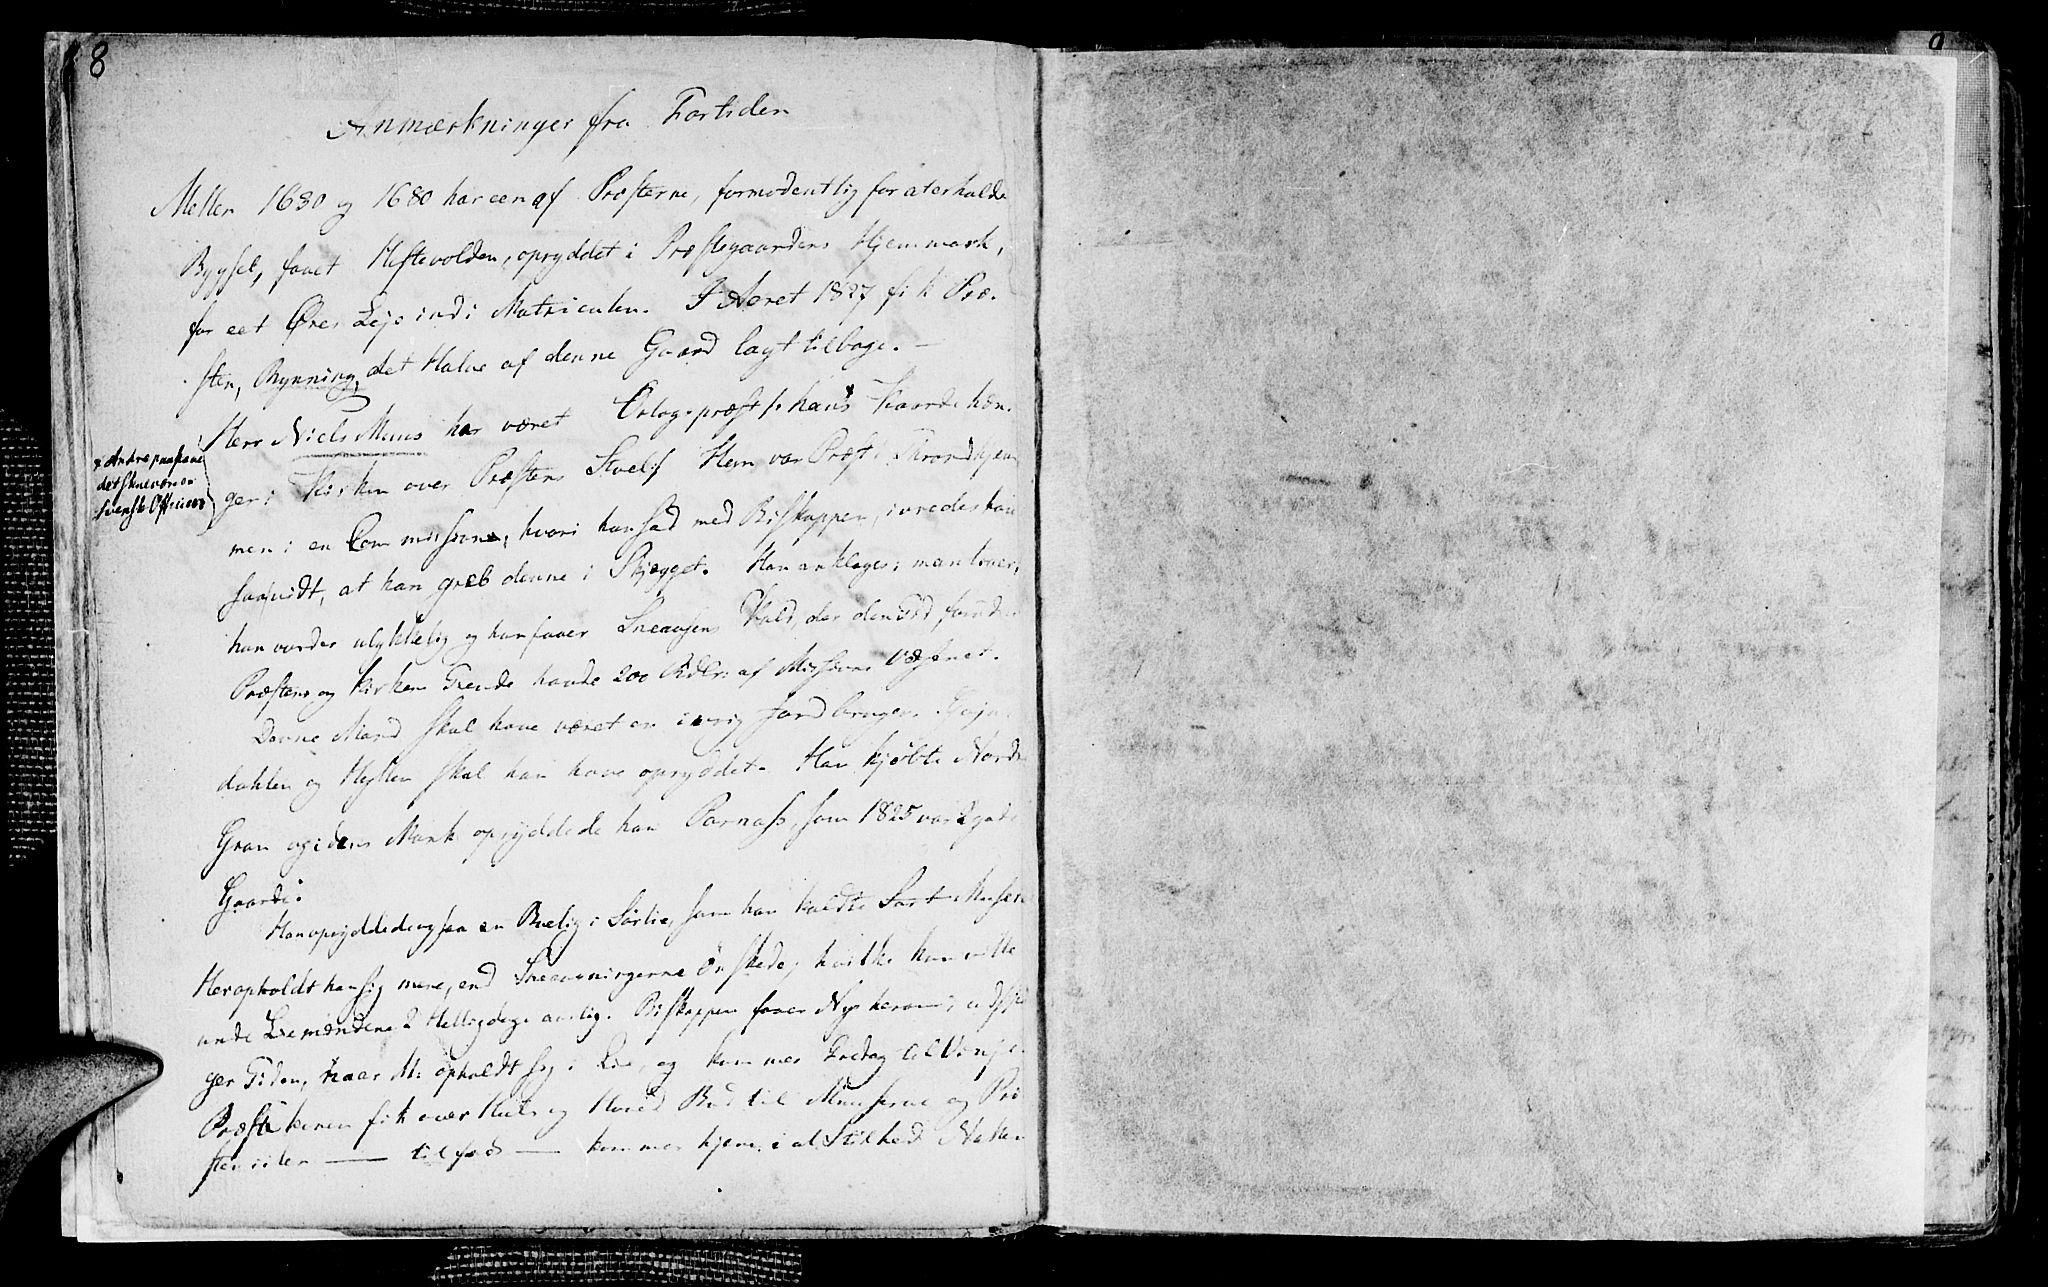 SAT, Ministerialprotokoller, klokkerbøker og fødselsregistre - Nord-Trøndelag, 749/L0467: Ministerialbok nr. 749A01, 1733-1787, s. 8a-8b